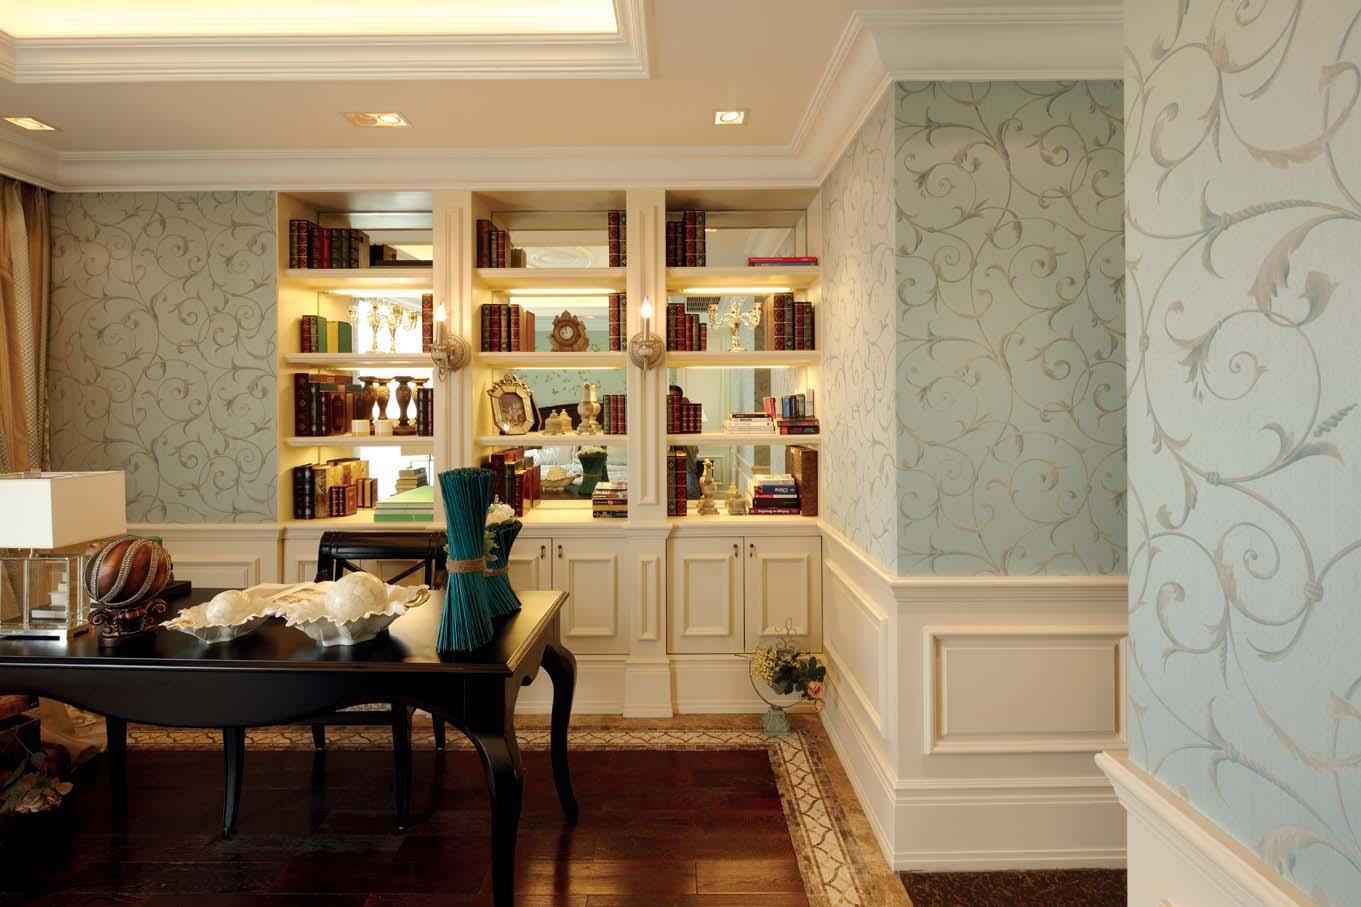 欧式风格 北京装修 装修风格 室内设计 装修设计 书房图片来自别墅装修设计yan在欧式风格鸿坤·林语墅的分享